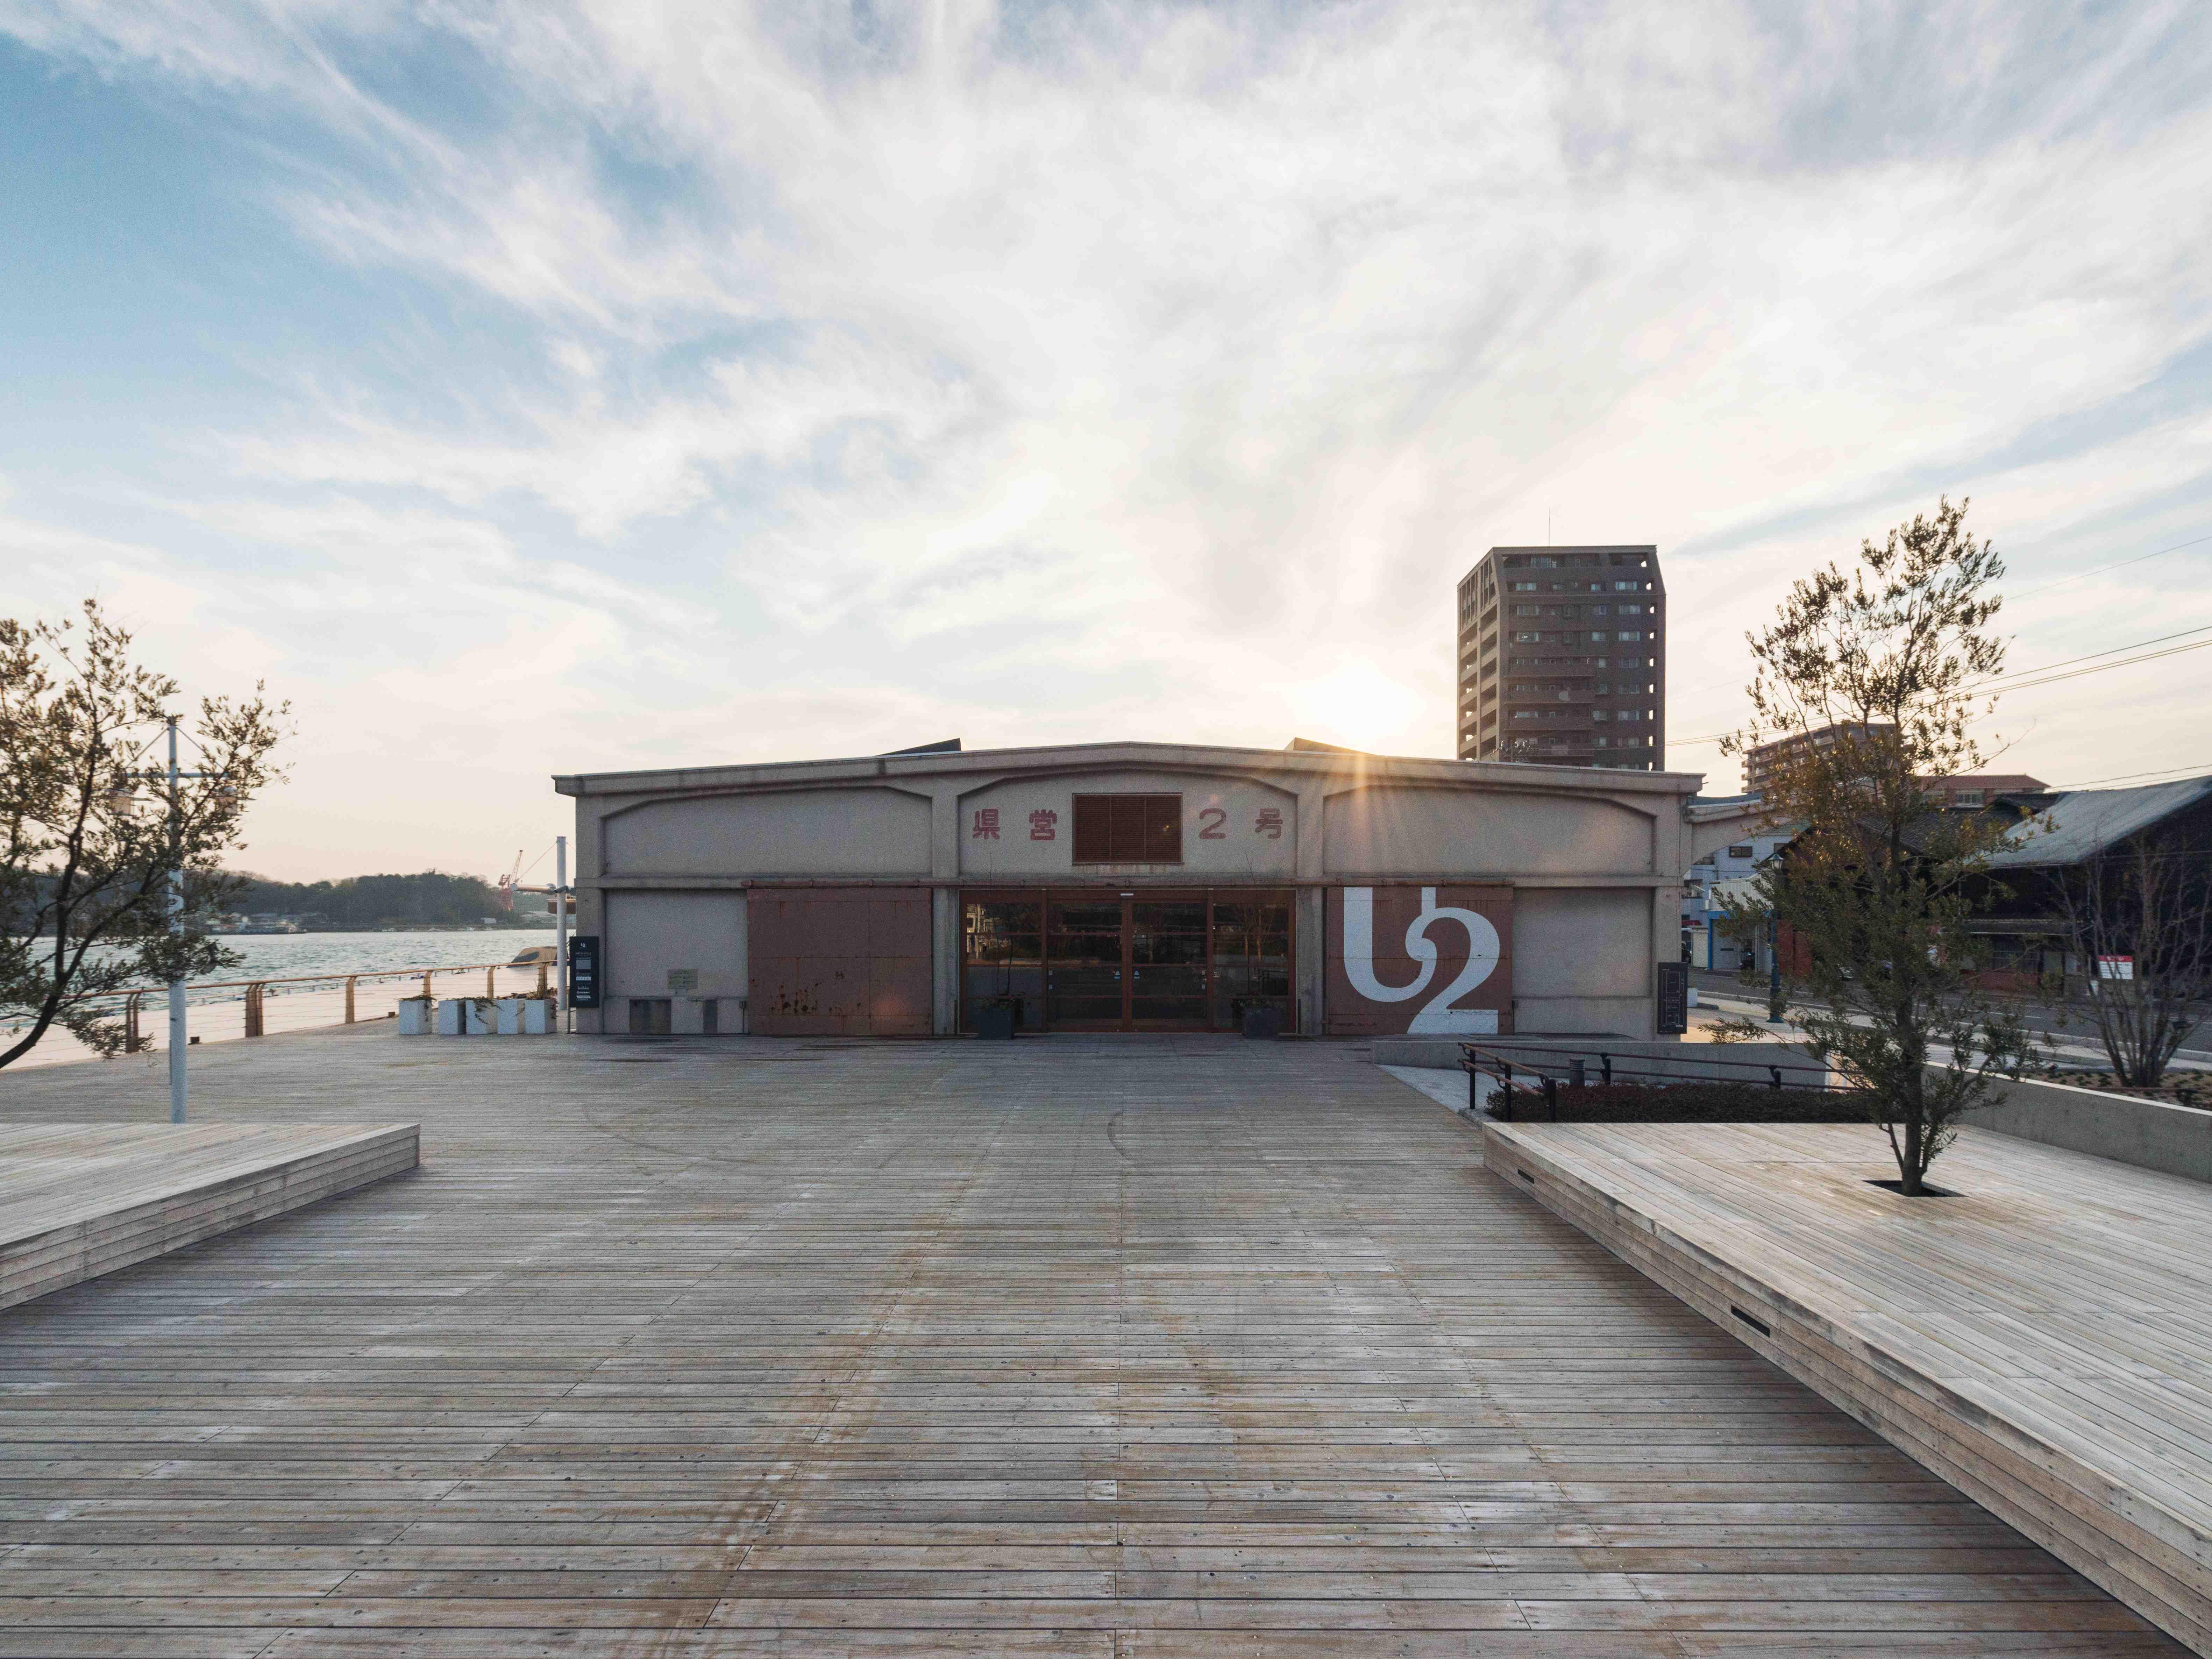 使われていない海沿いの倉庫をリノベーションした複合施設ONOMICHI U2